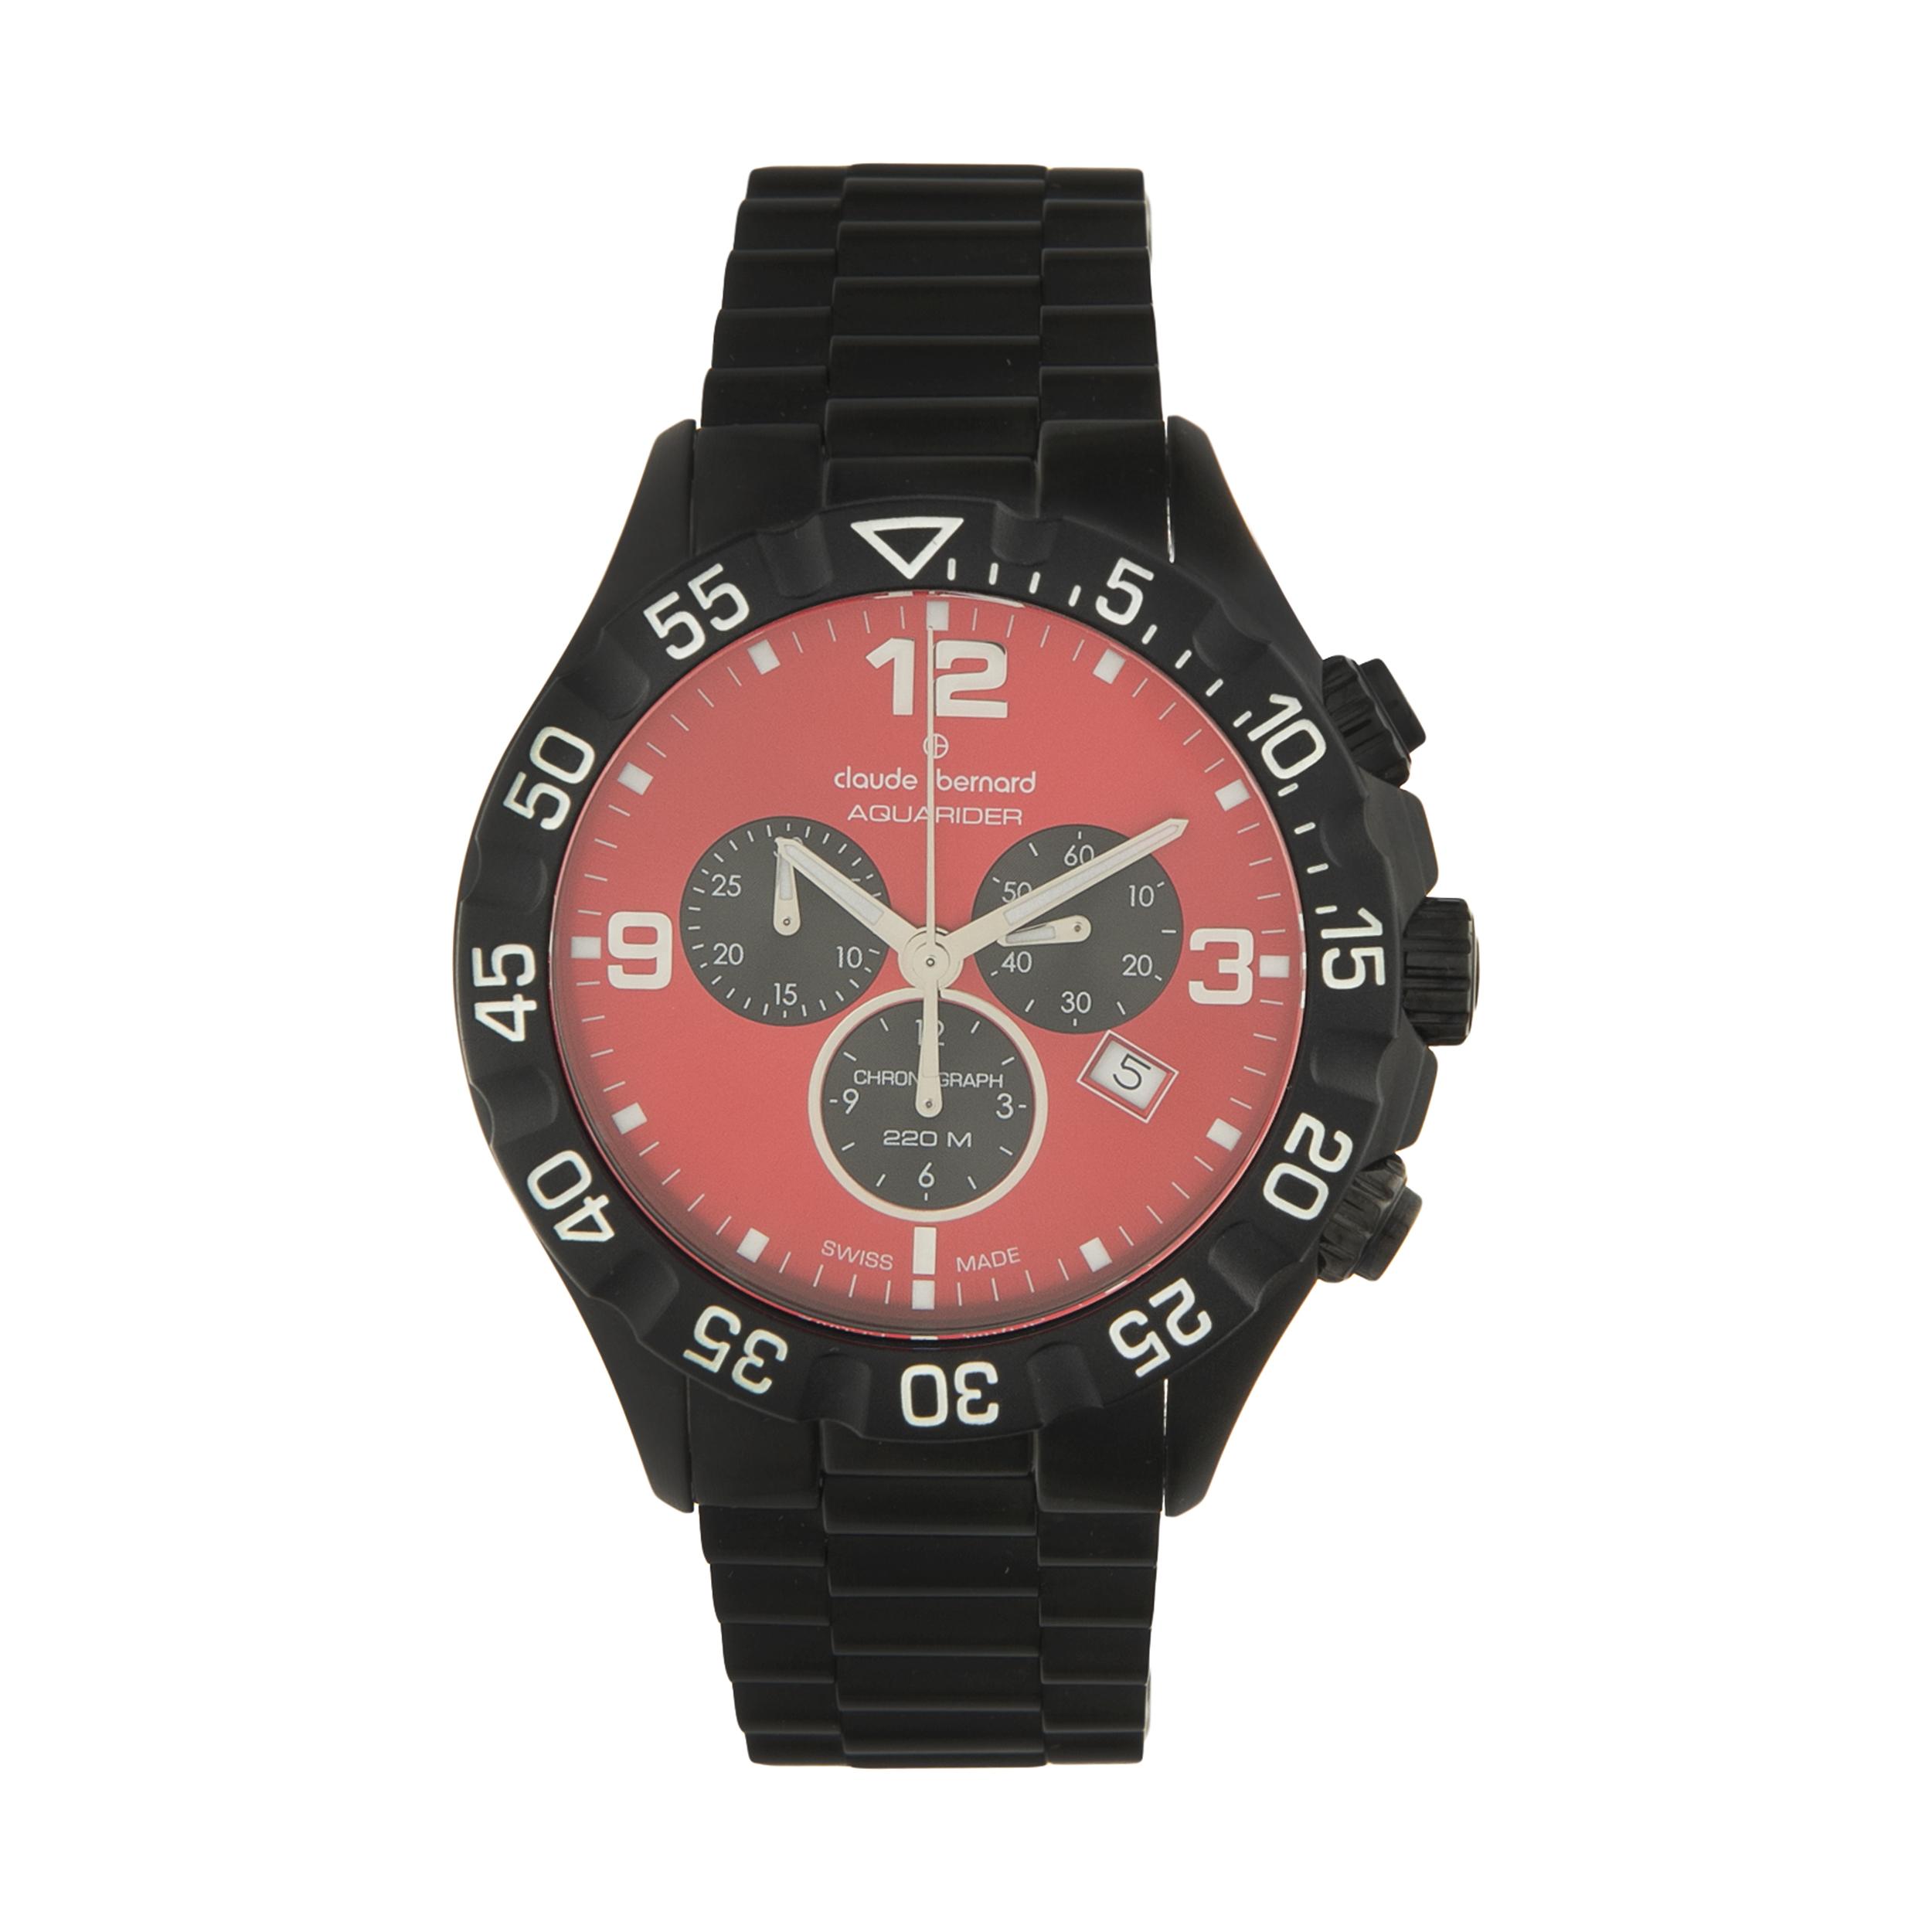 ساعت مچی عقربه ای مردانه کلود برنارد مدل 10202 37N NRO